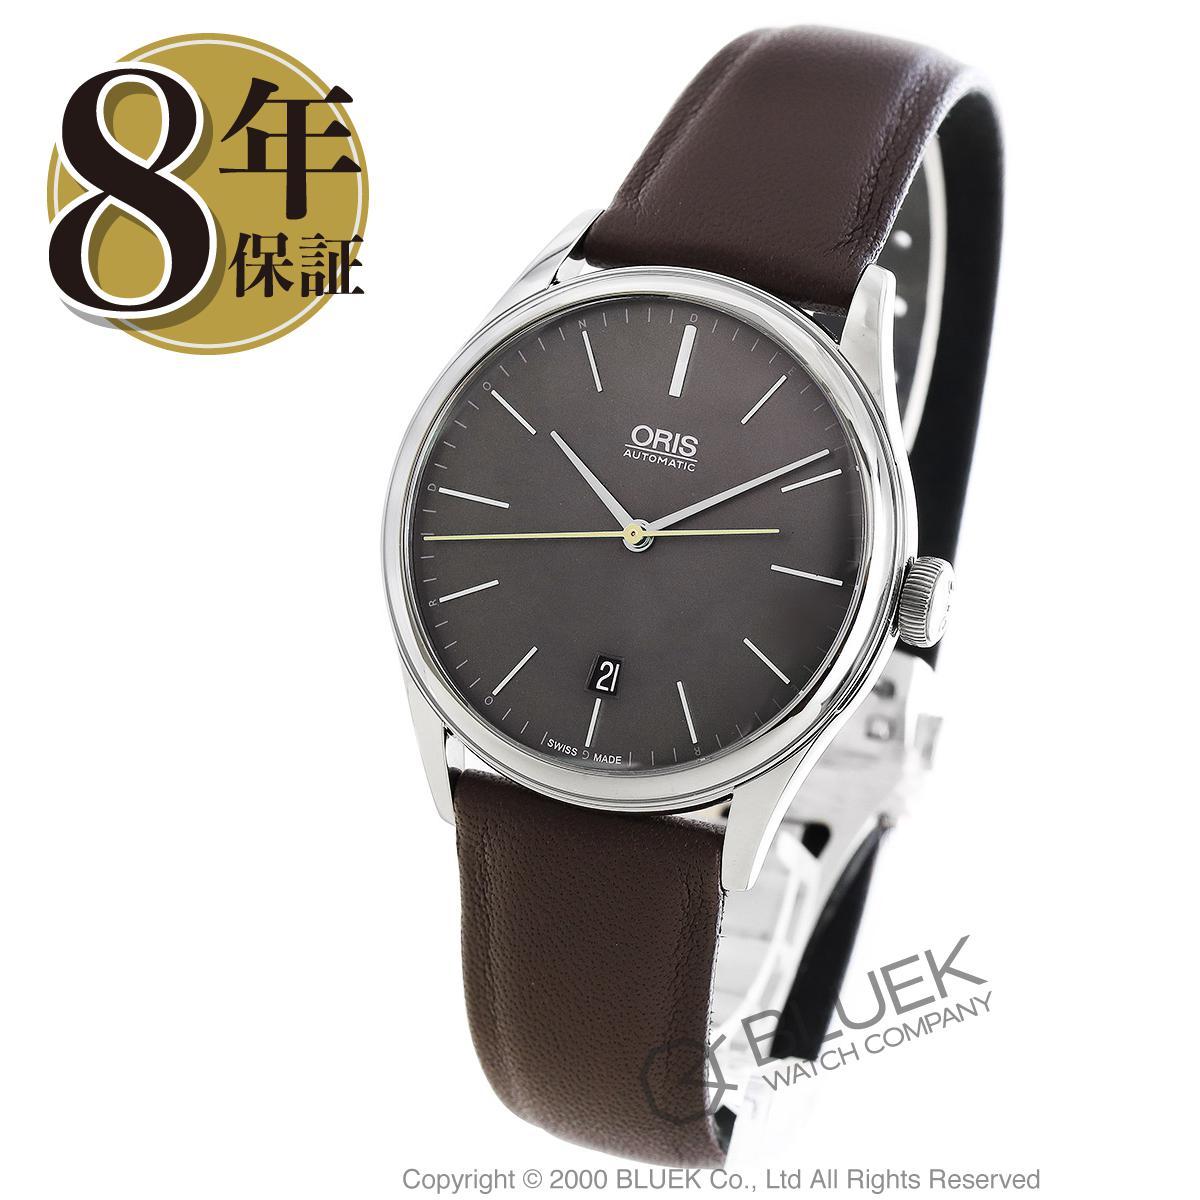 オリス アートリエ デイト デクスター・ゴードン リミテッドエディション 世界限定1000本 腕時計 メンズ ORIS 733 7721 4083D_8